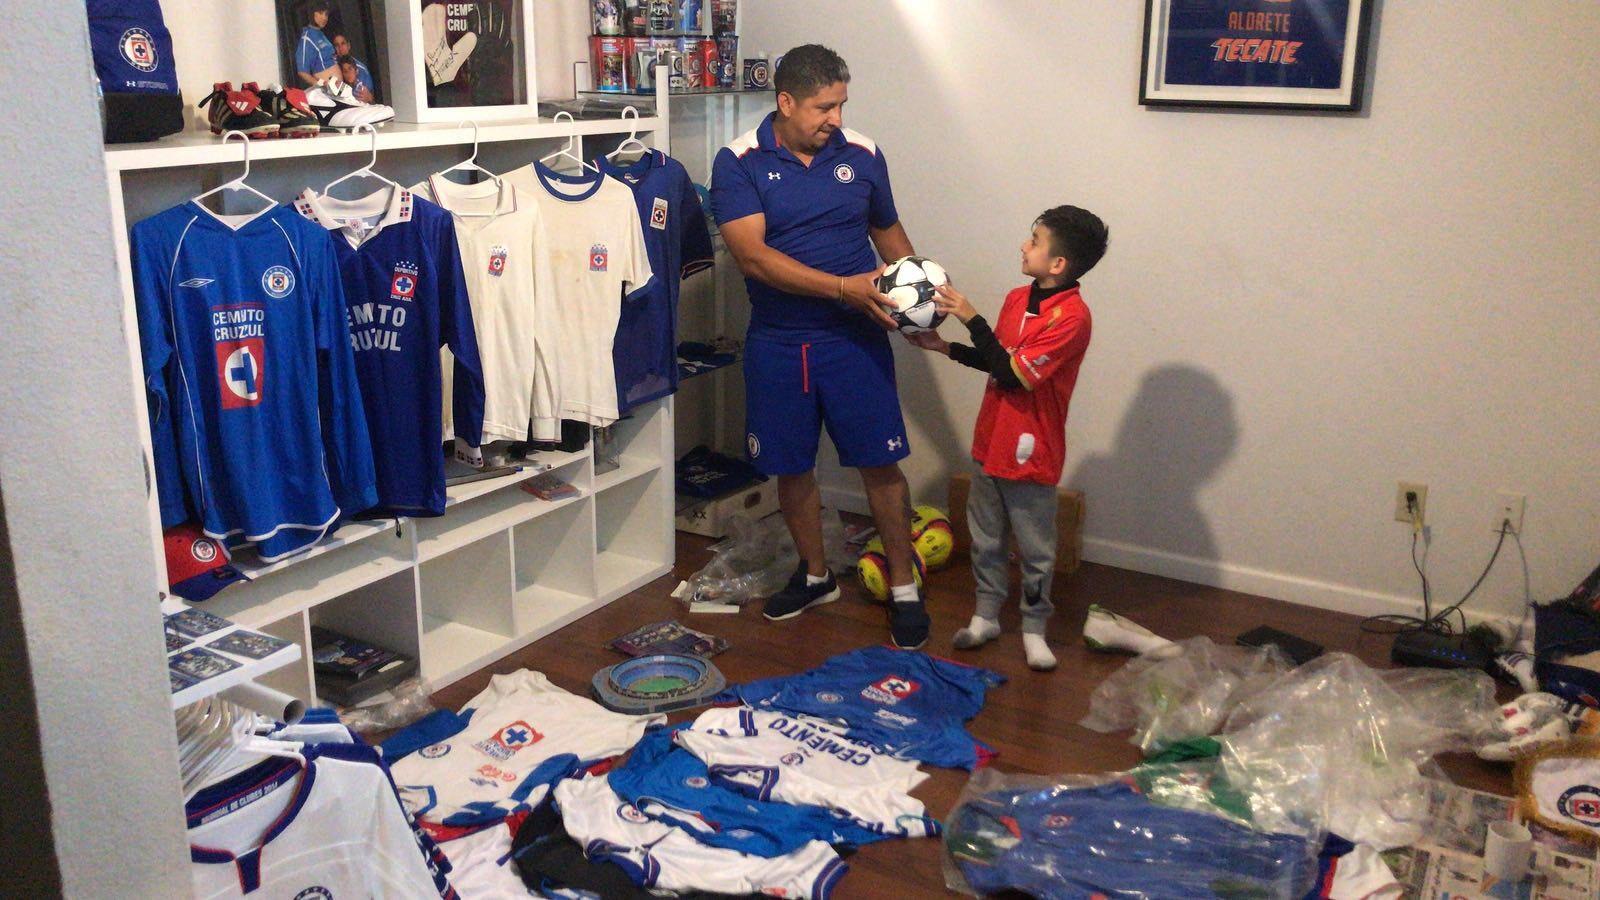 Jorge Domínguez junto a su hijo en un cuarto de su casa en Dallas dedicado a exhibir memorabilia del Cruz Azul.(FOTOS: WALTER R. ROQUE/ESPECIAL PARA AL DÍA)